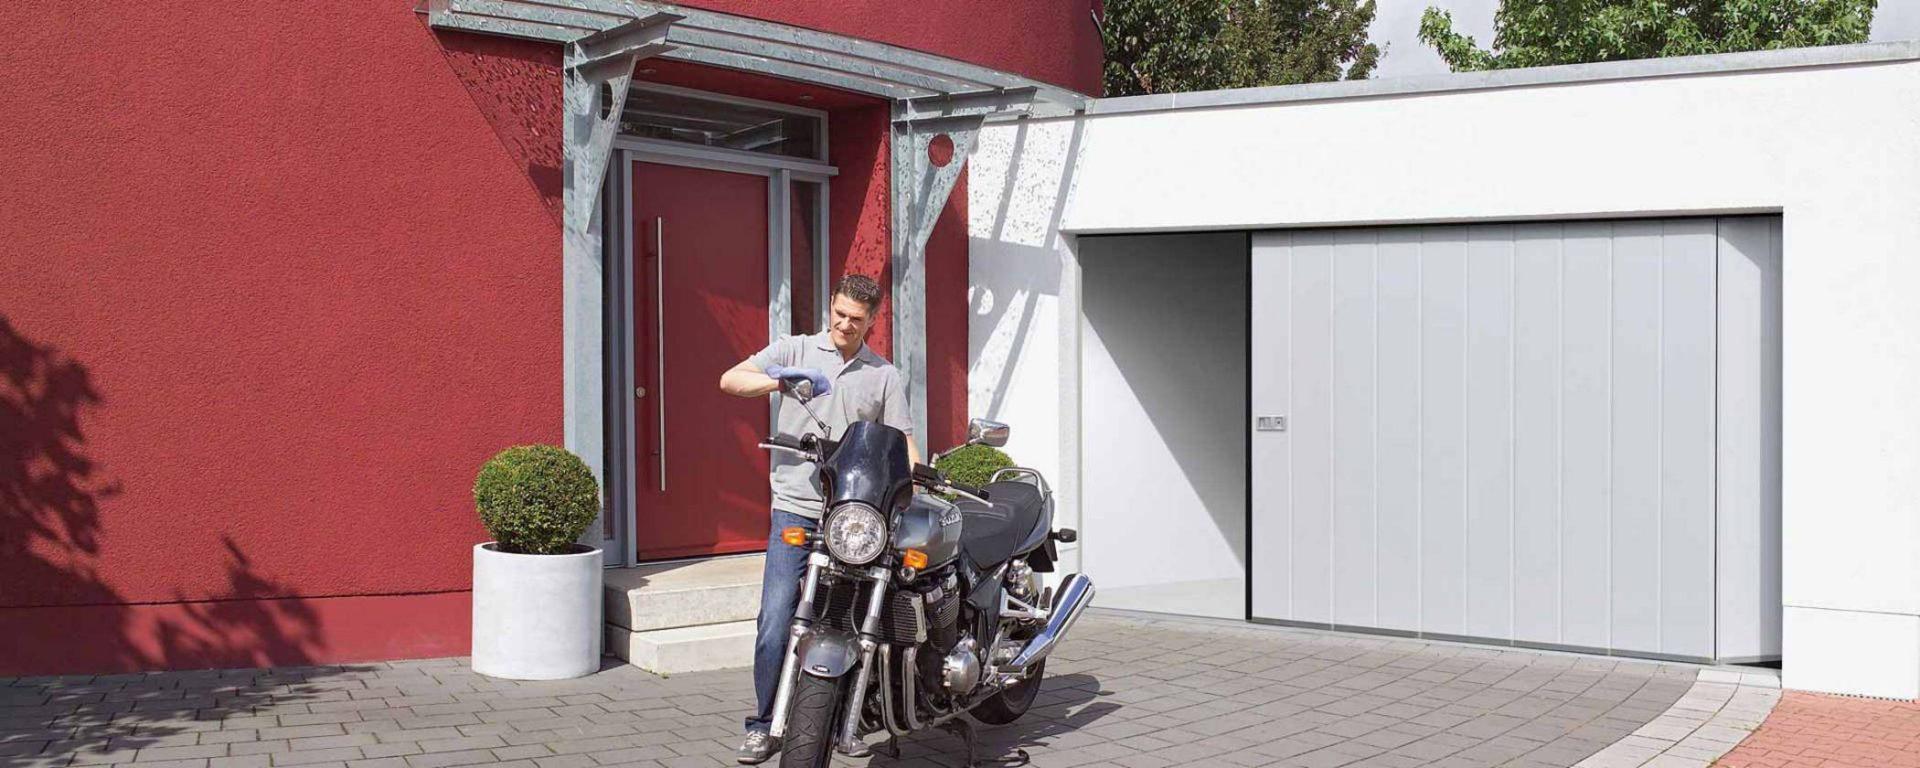 HGD Boerboom - Zijdelingse deur met motor